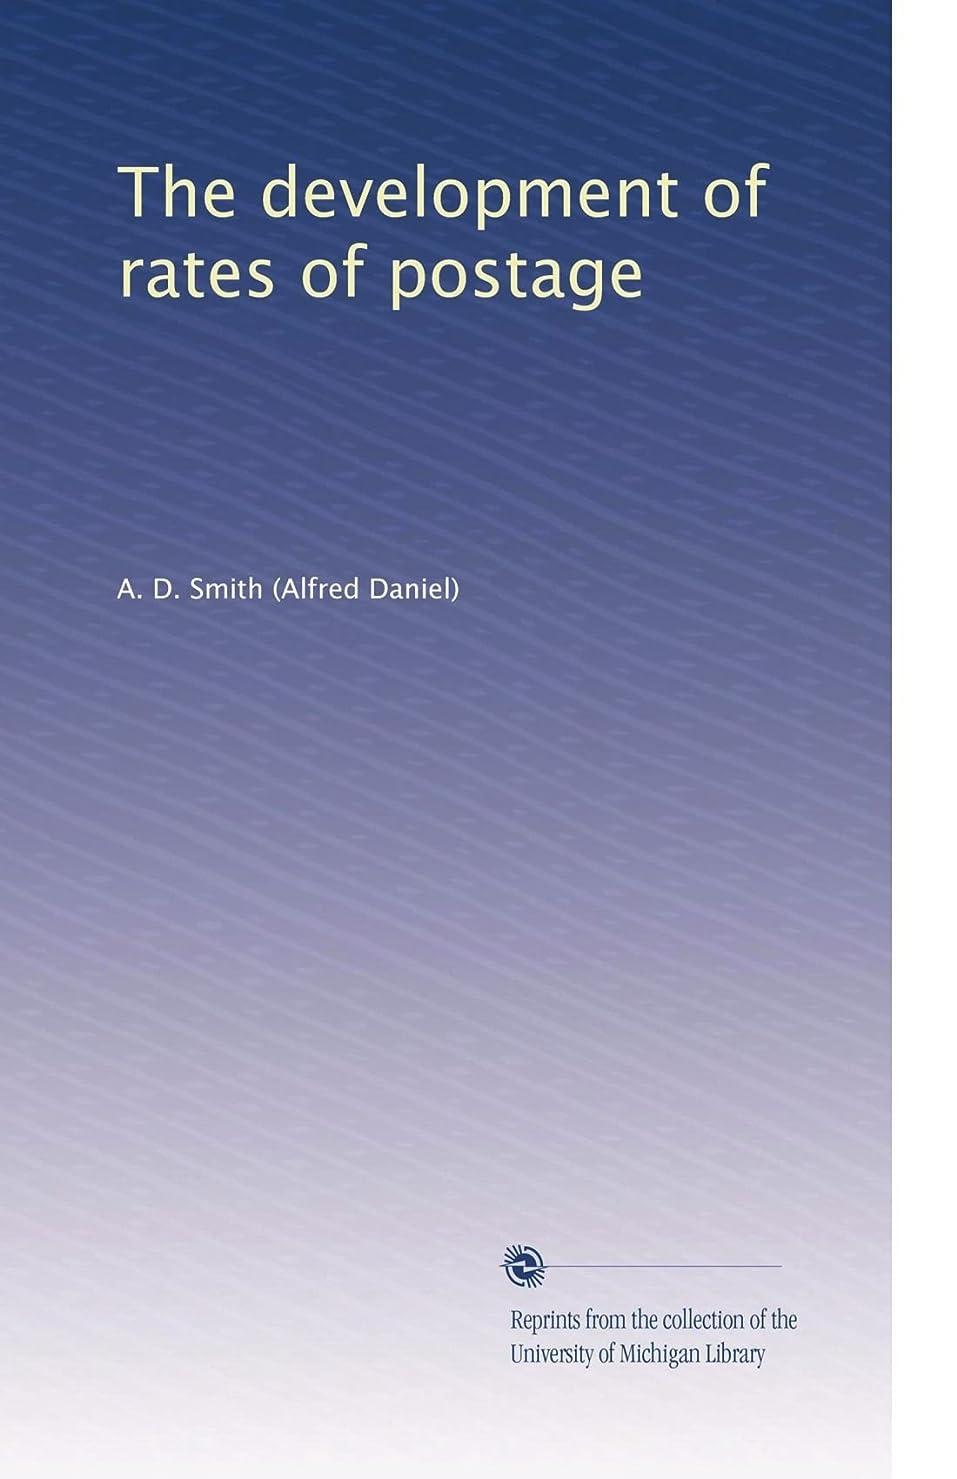 上がるポスト印象派流The development of rates of postage